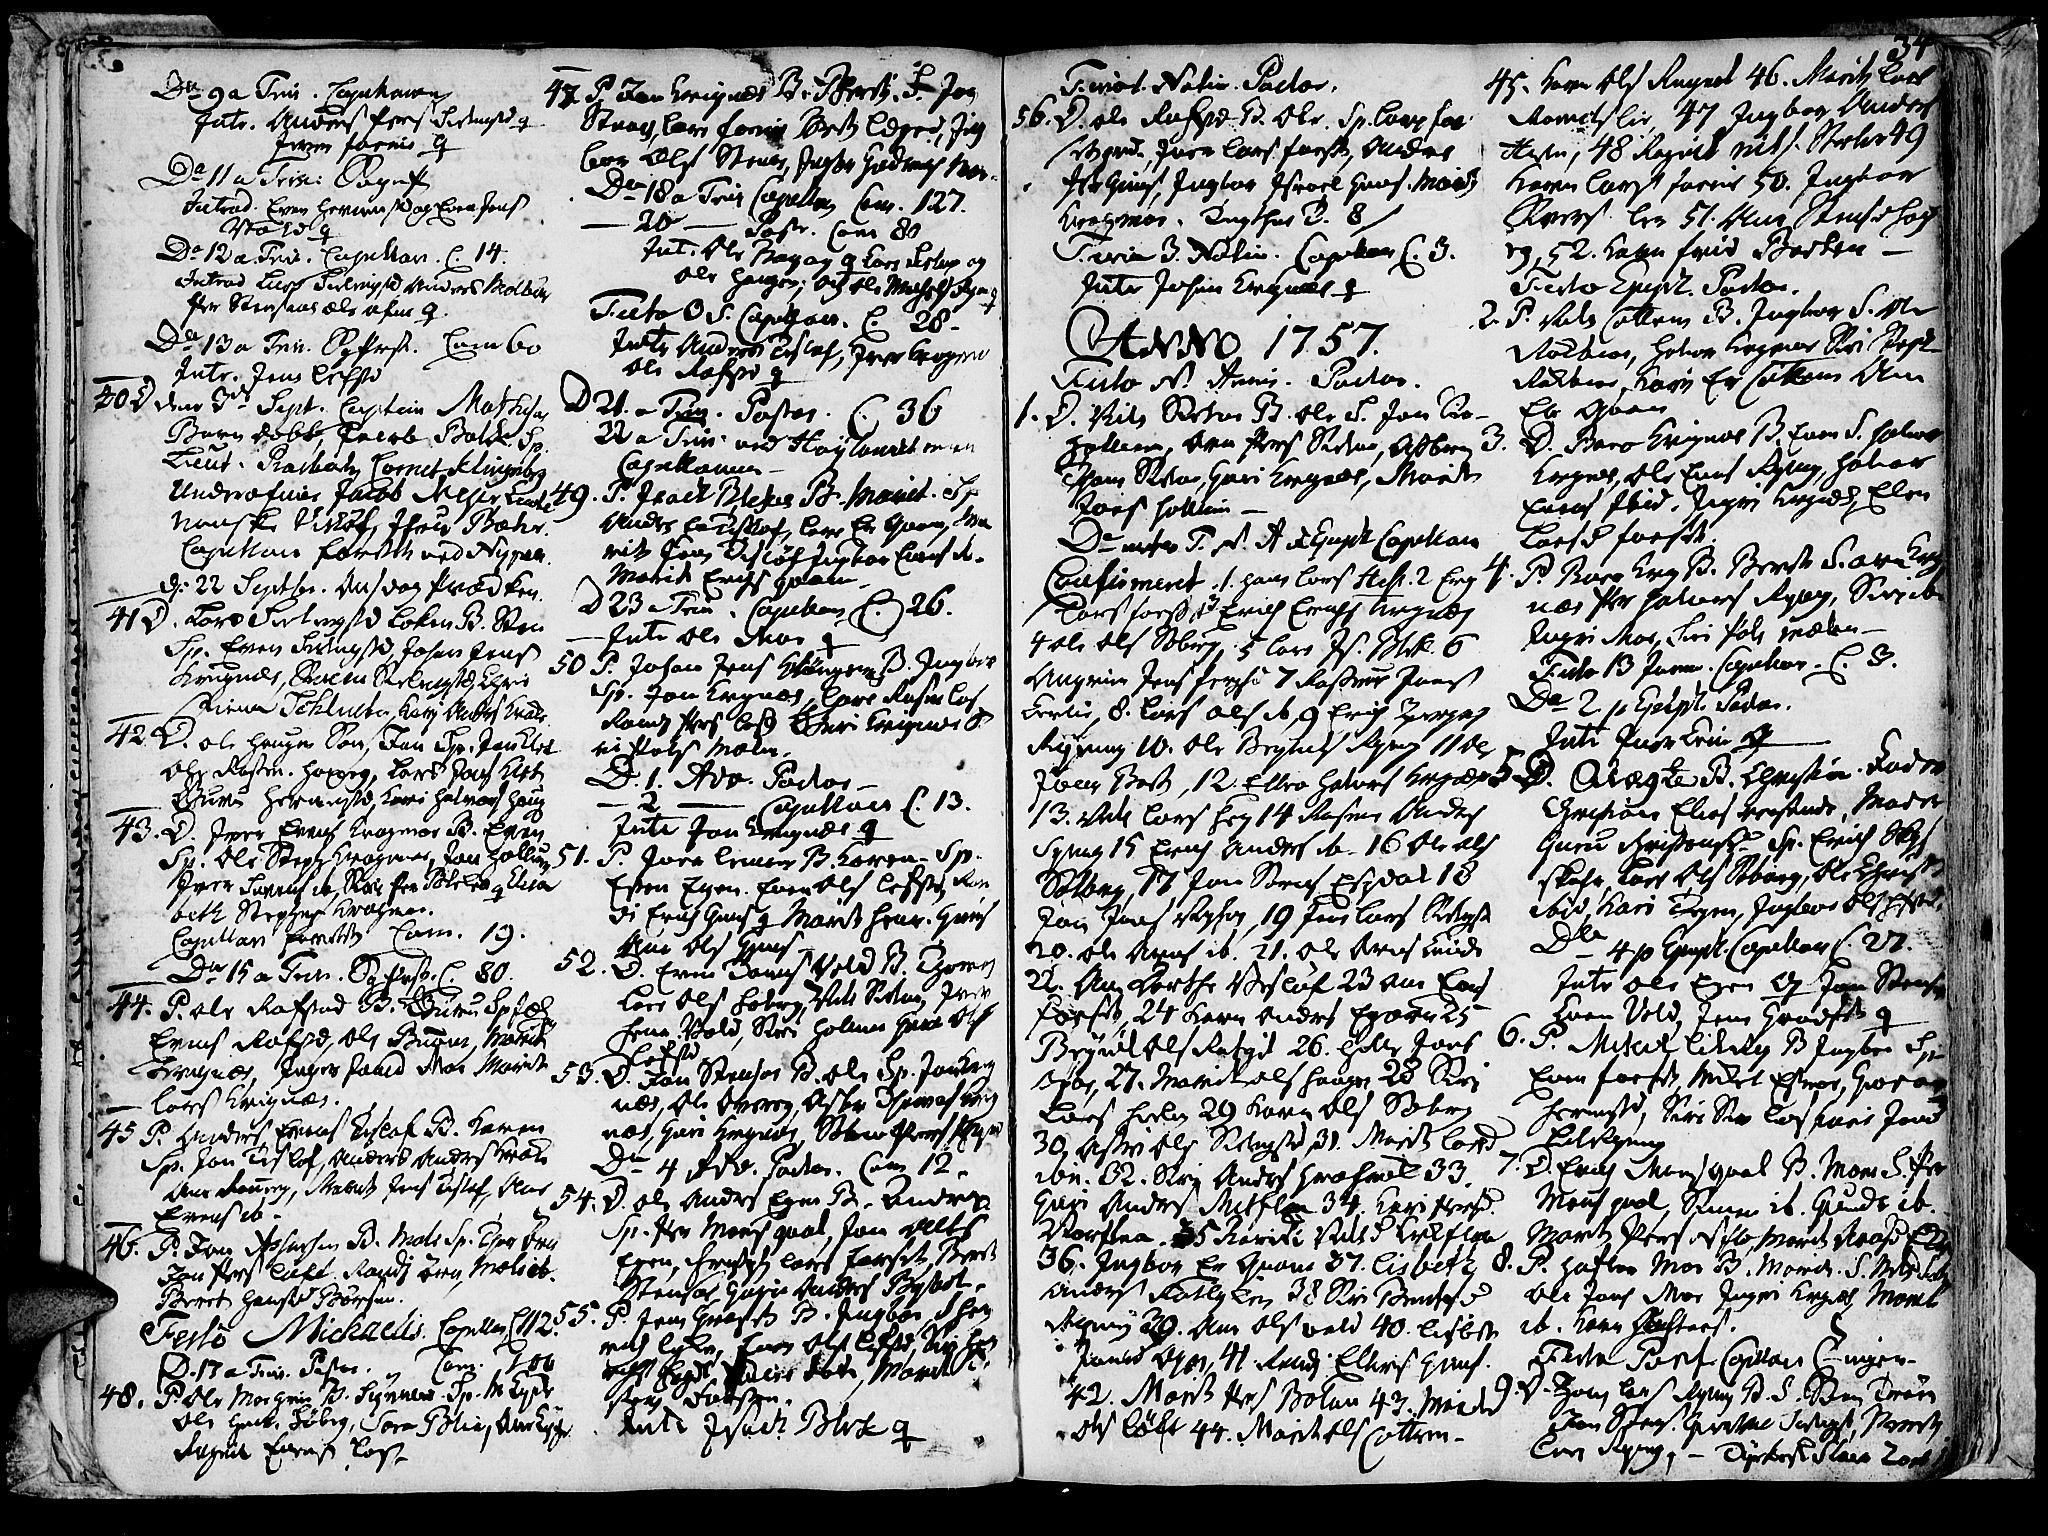 SAT, Ministerialprotokoller, klokkerbøker og fødselsregistre - Sør-Trøndelag, 691/L1057: Ministerialbok nr. 691A01 /1, 1740-1767, s. 34